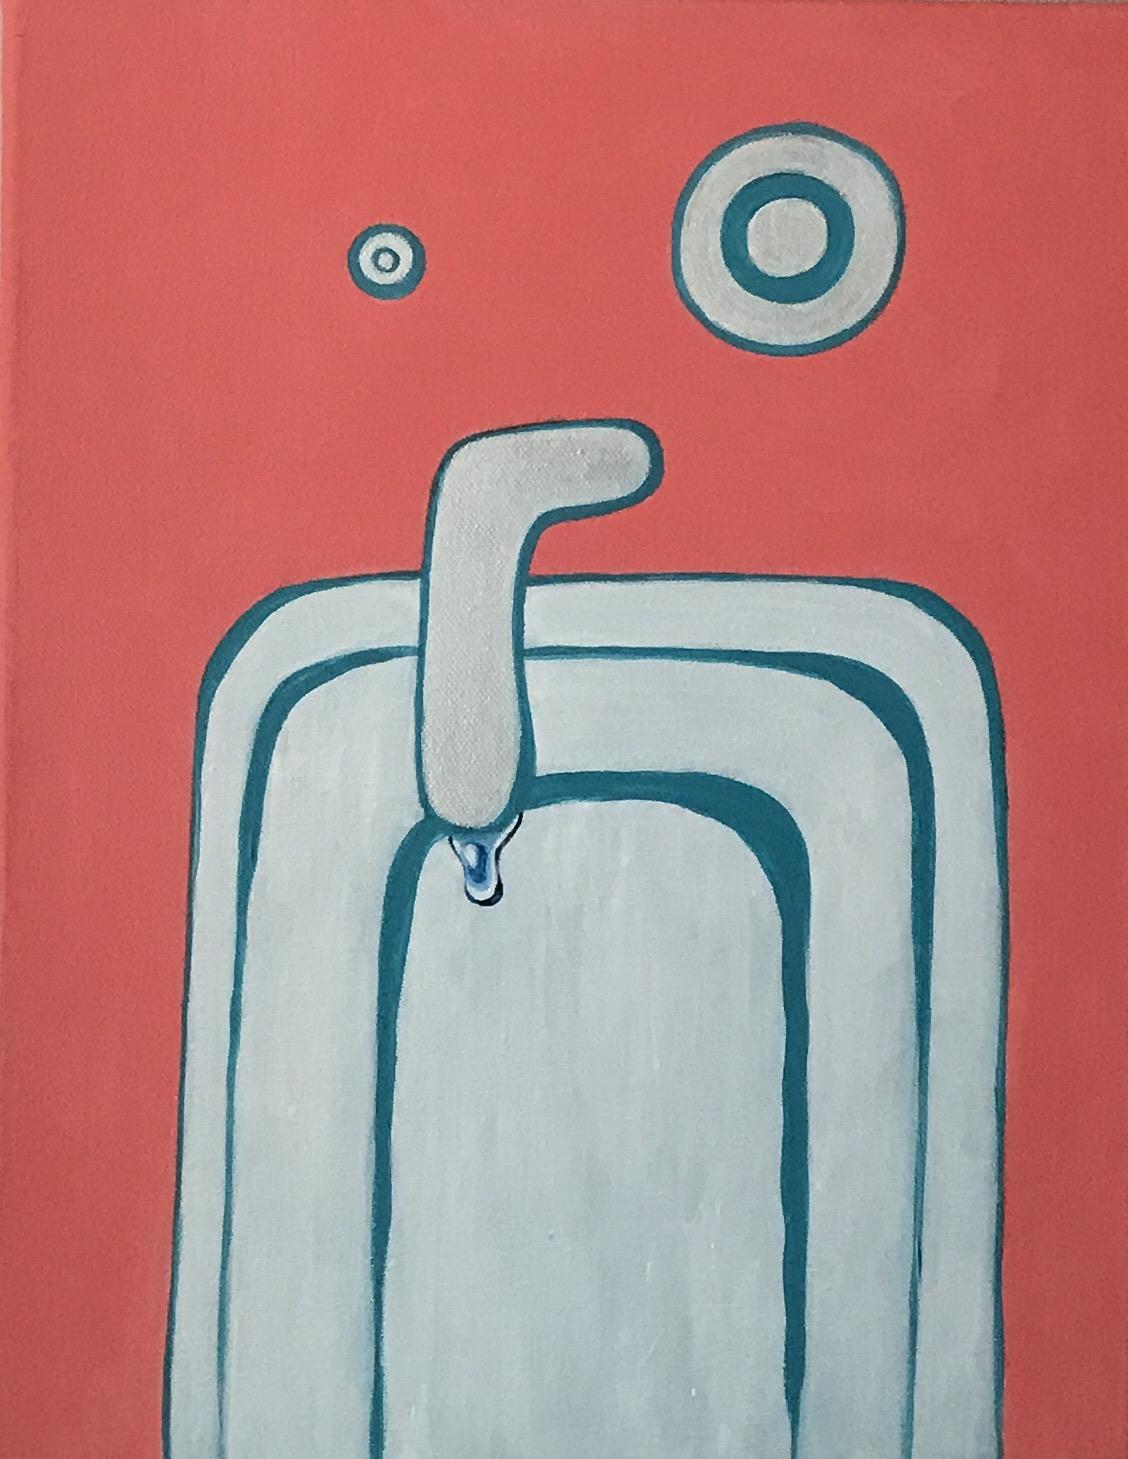 The Thirsty Bathtub